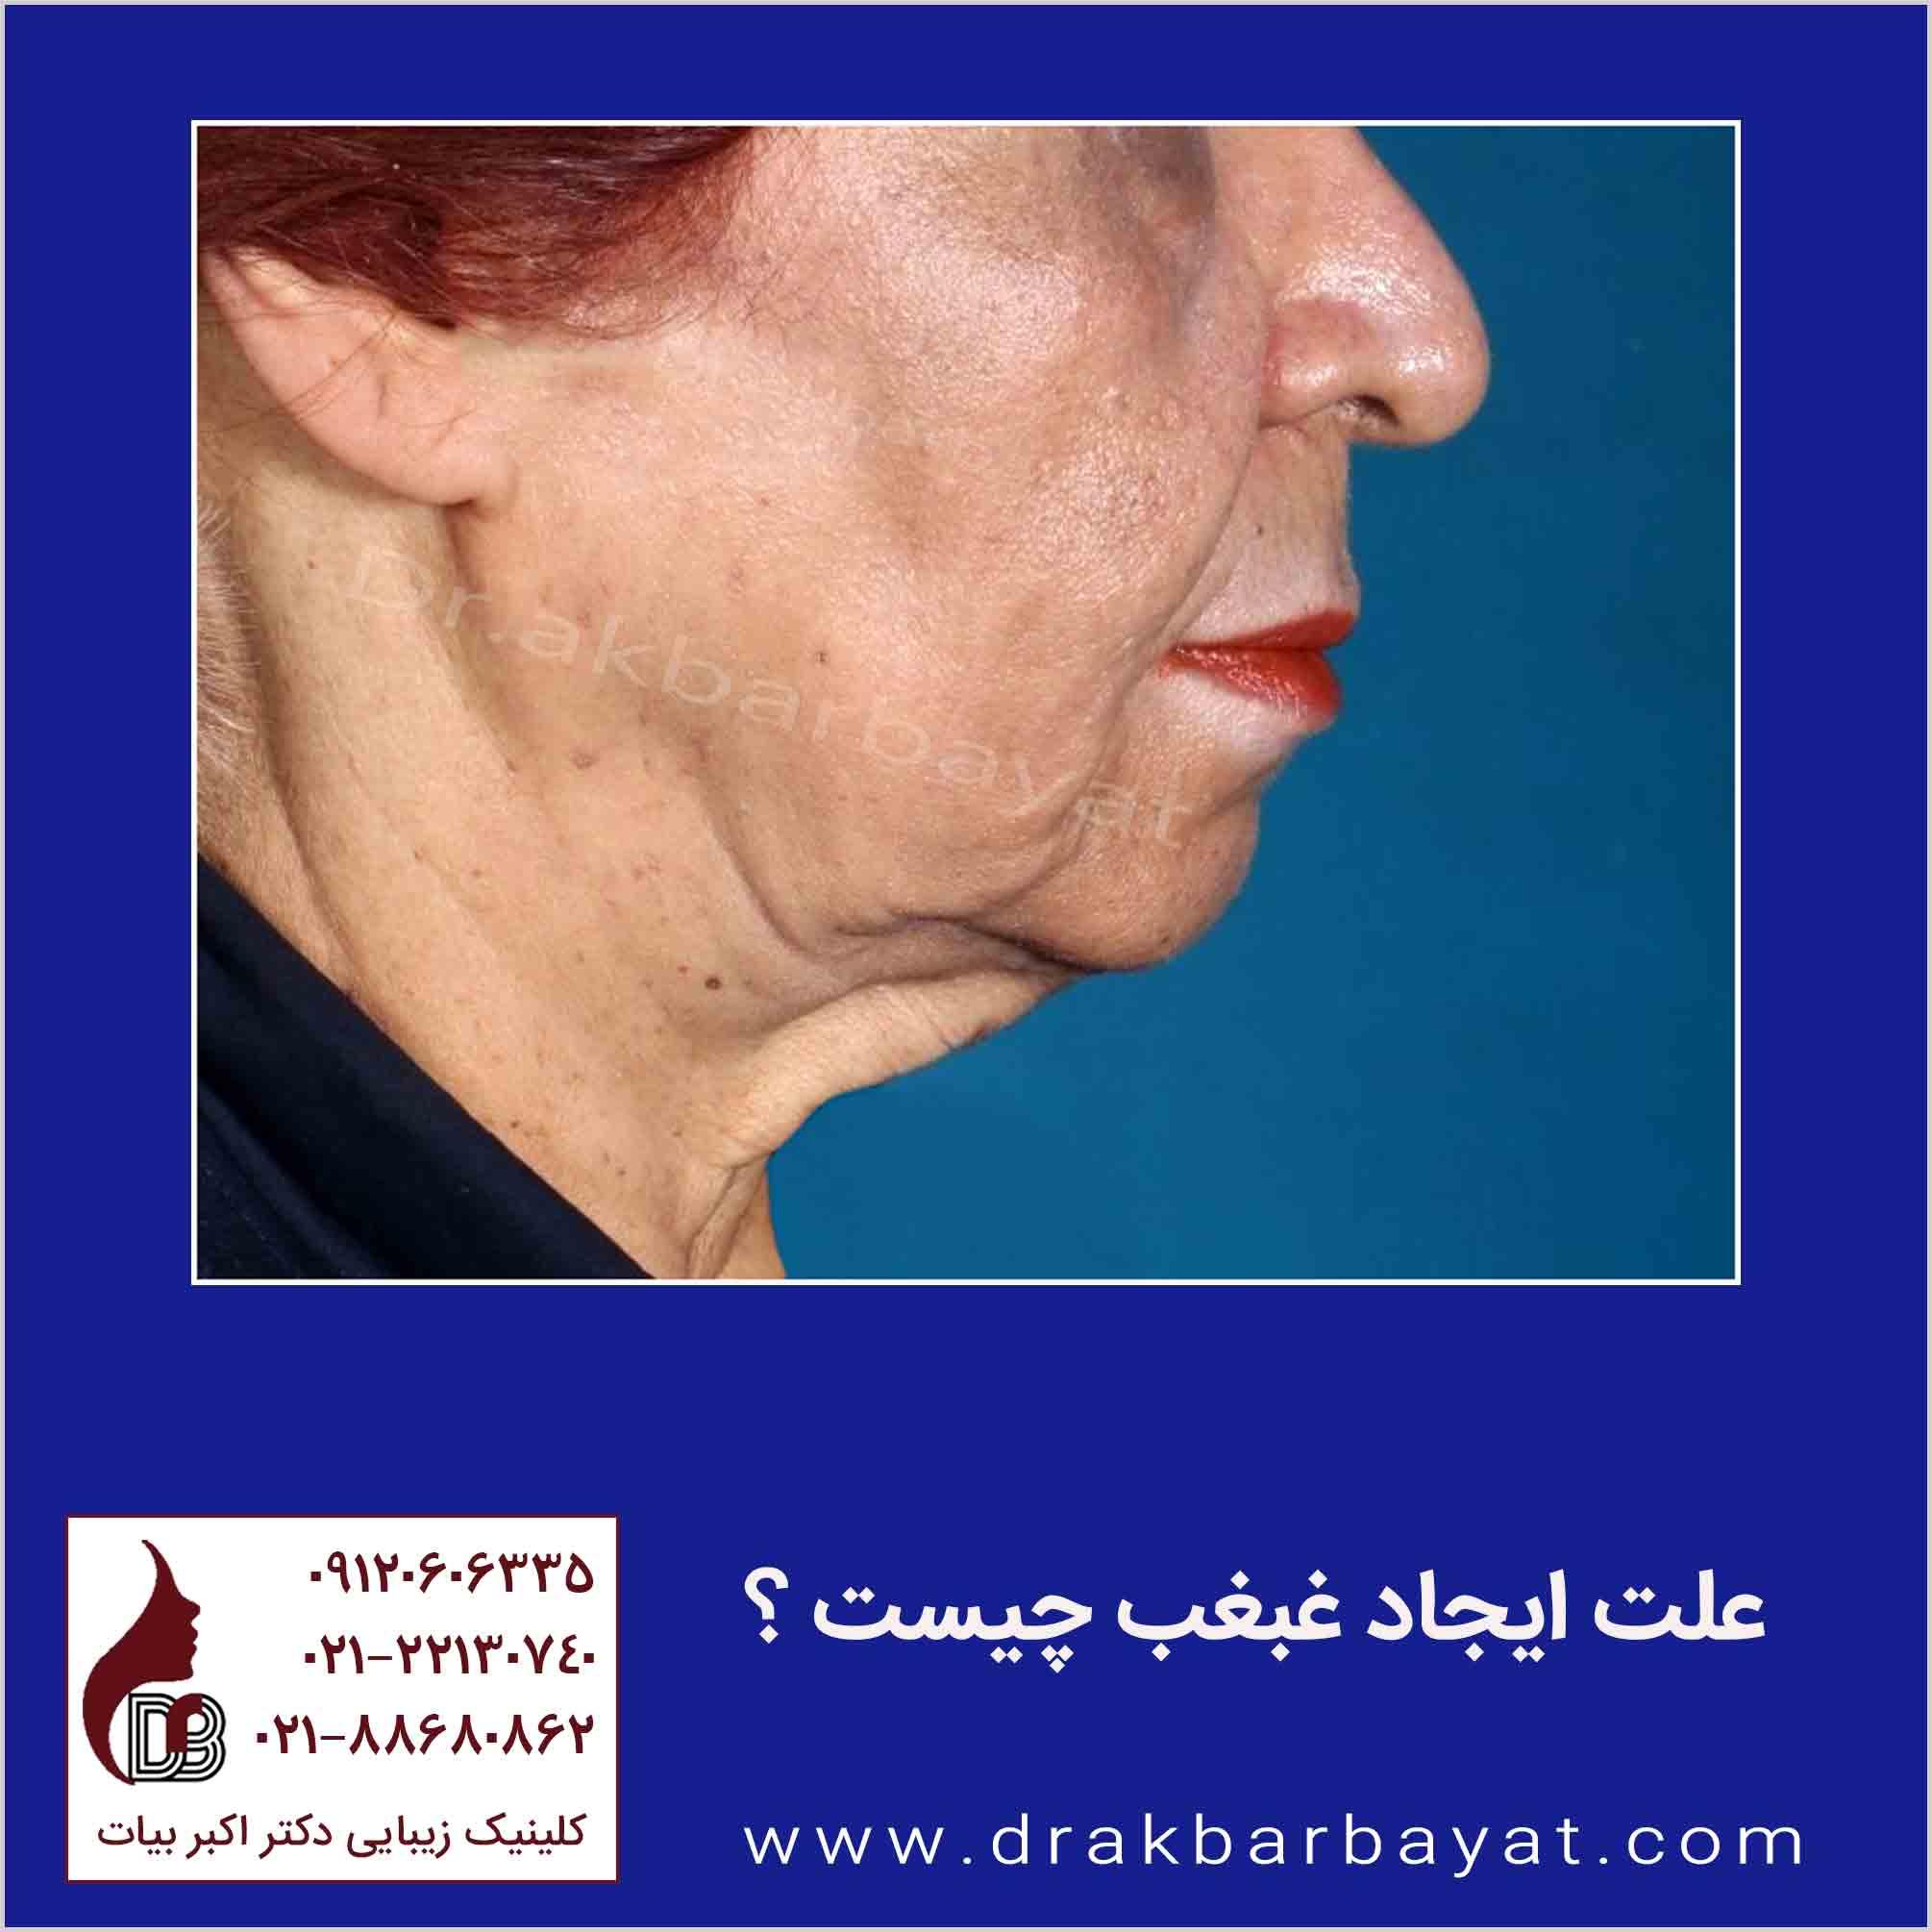 درمان غبغب با جراحی در کلینیک زیبایی دکتر بیات